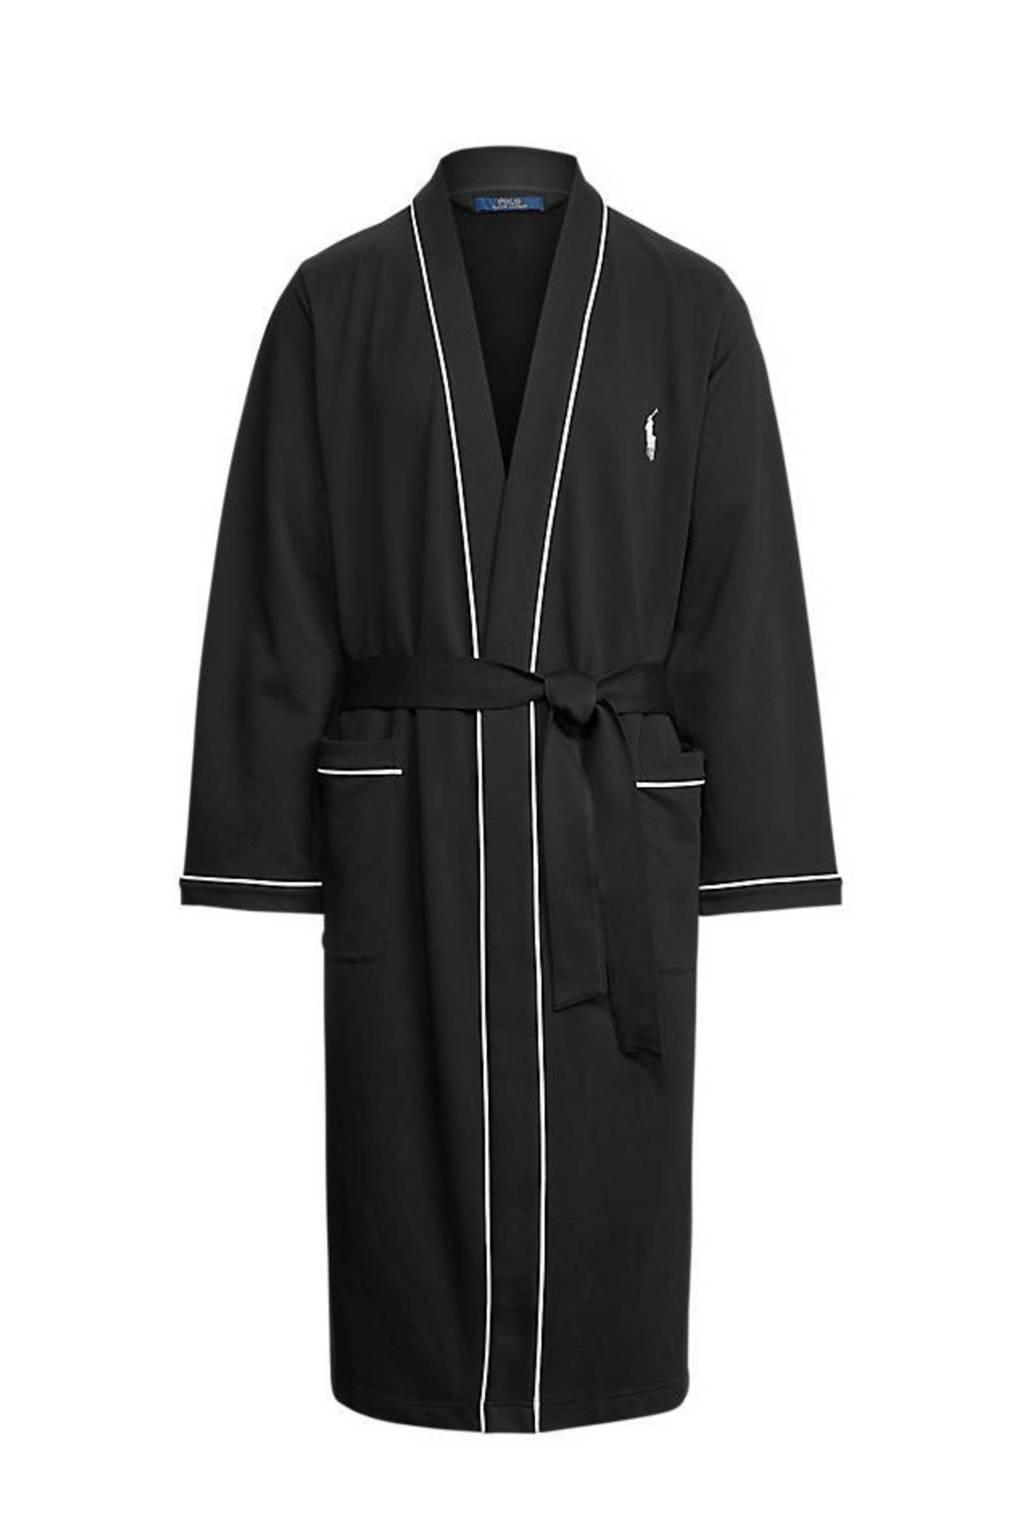 POLO Ralph Lauren badjas zwart, Zwart